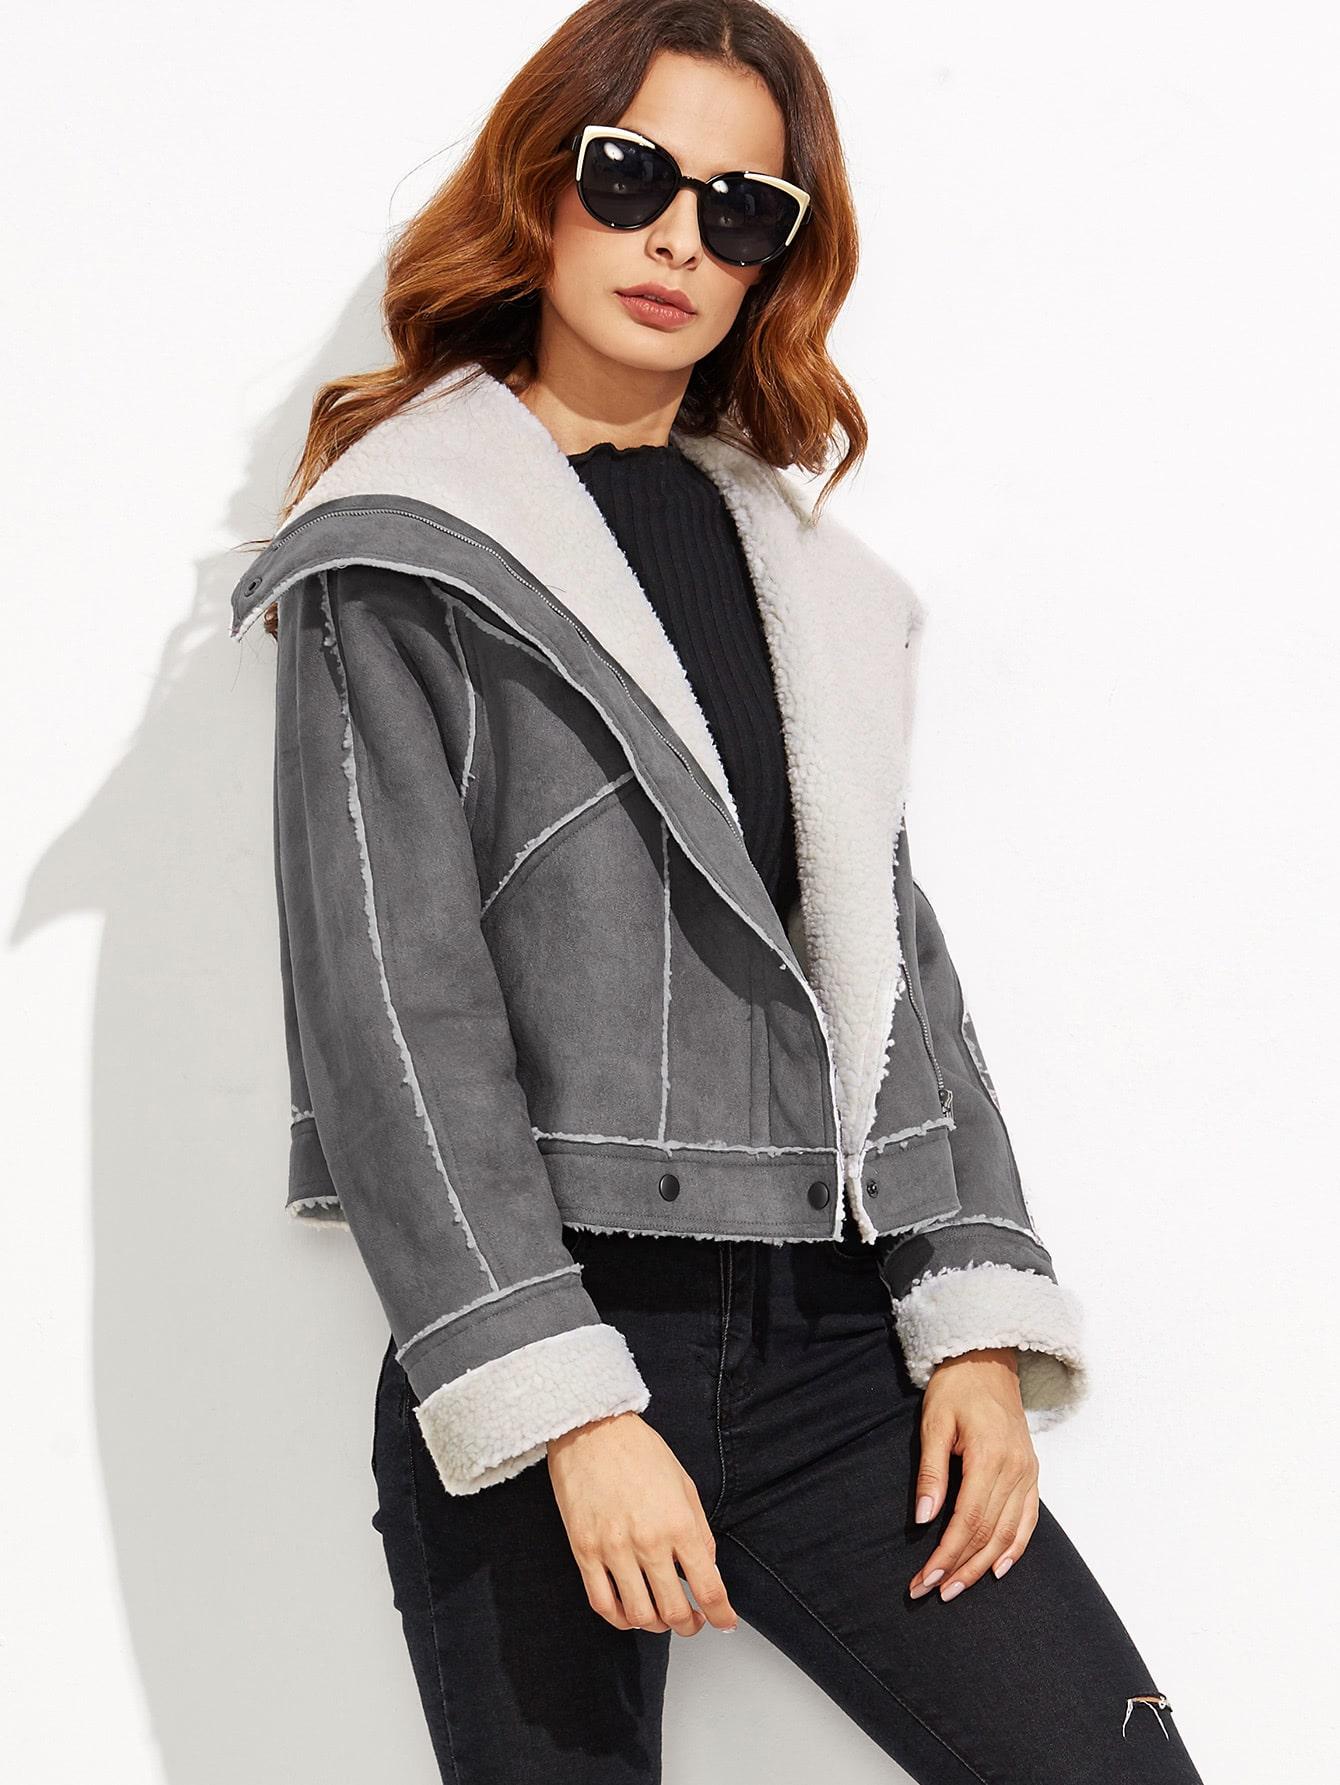 jacket160901701_2